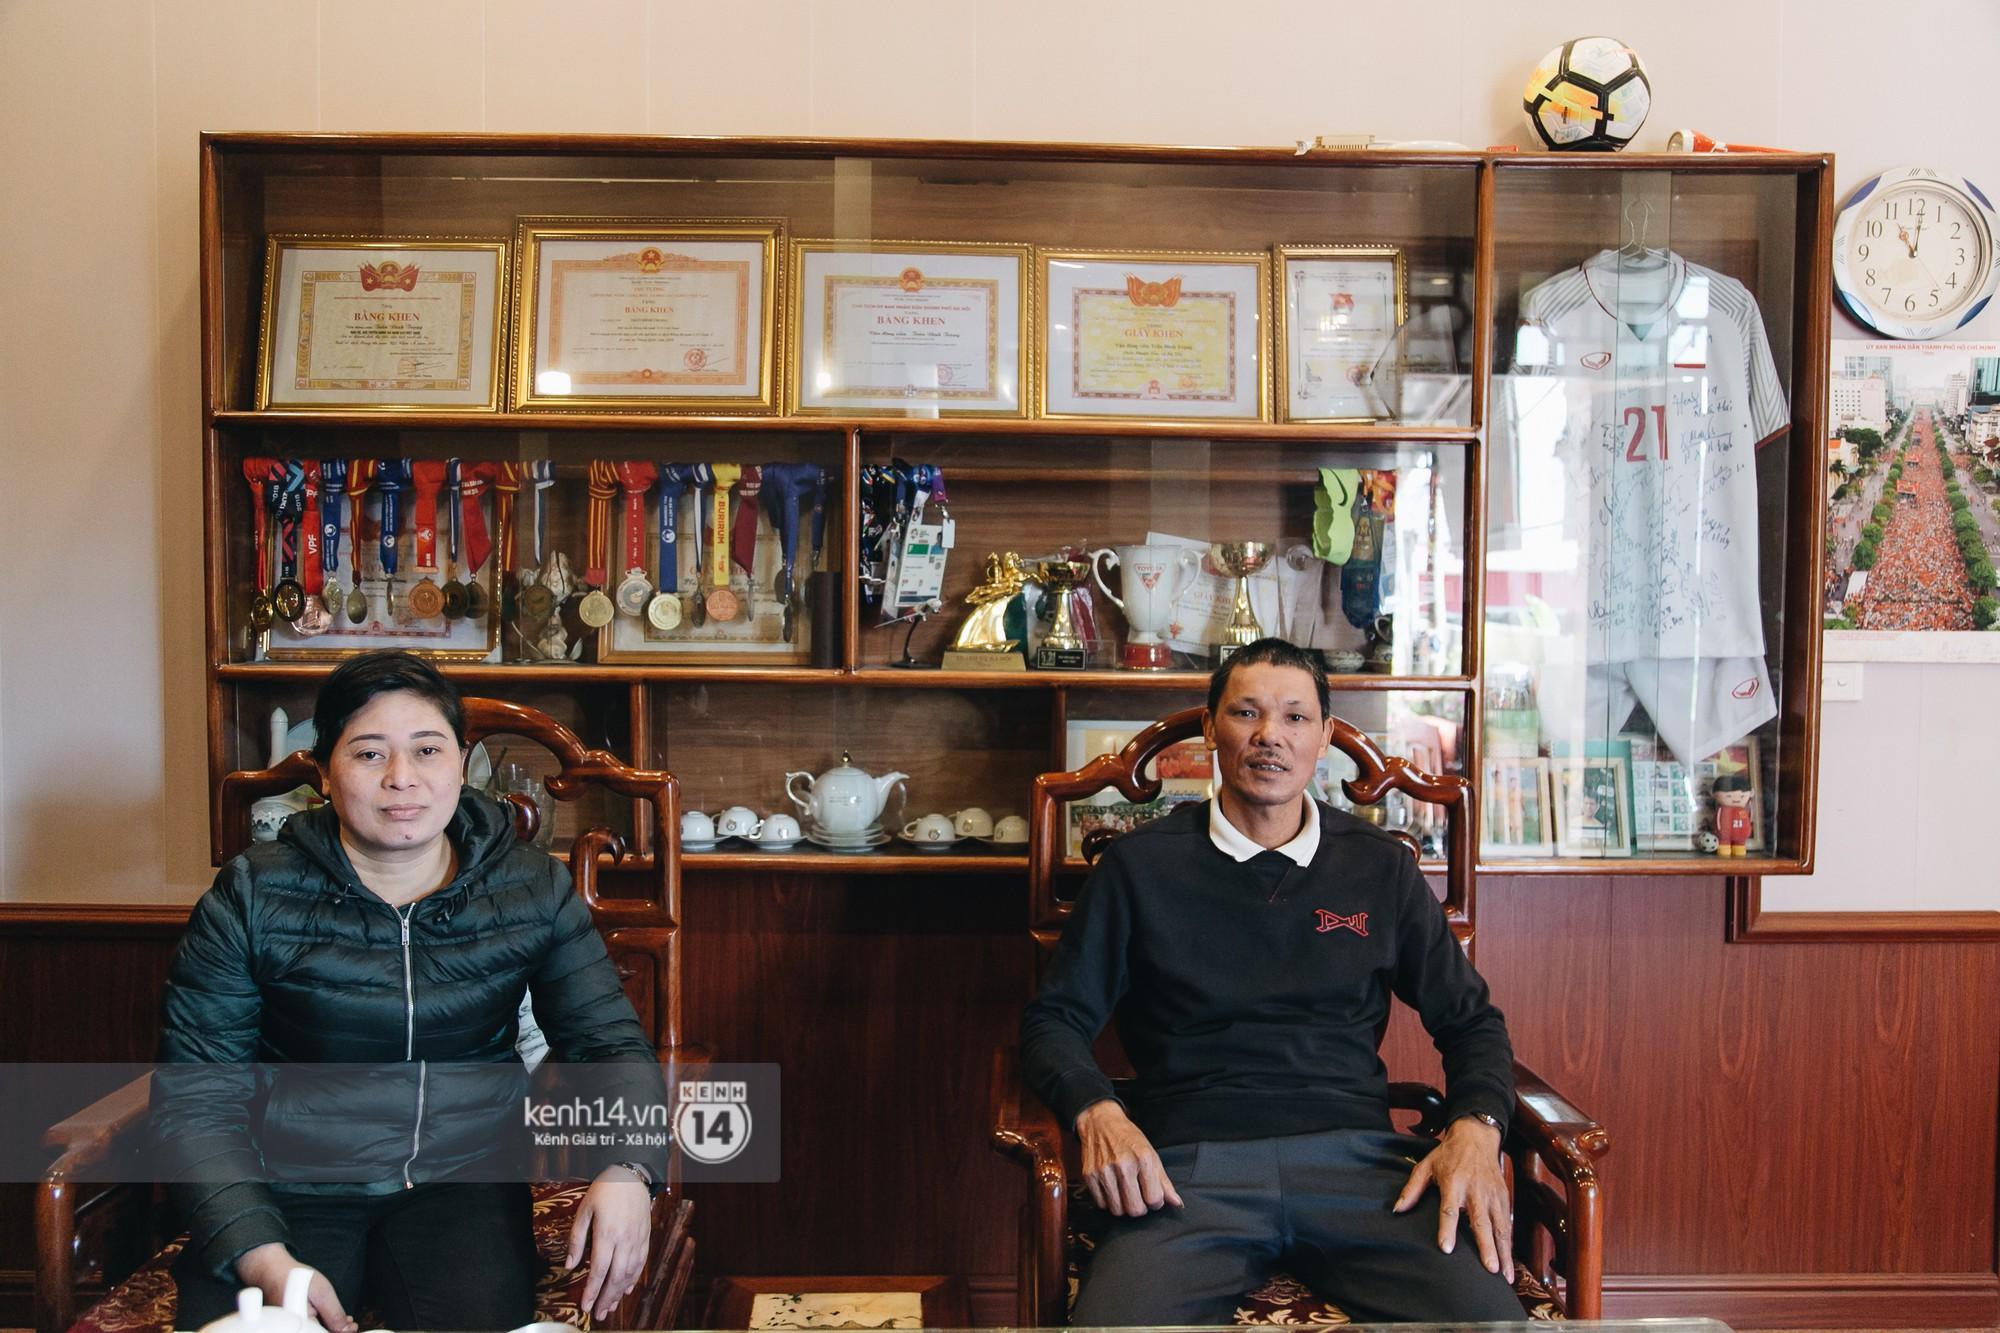 Gặp anh chàng sơ vin Đình Trọng sau AFF Cup: Điều buồn nhất là sẽ phải xa bóng đá rất lâu-5